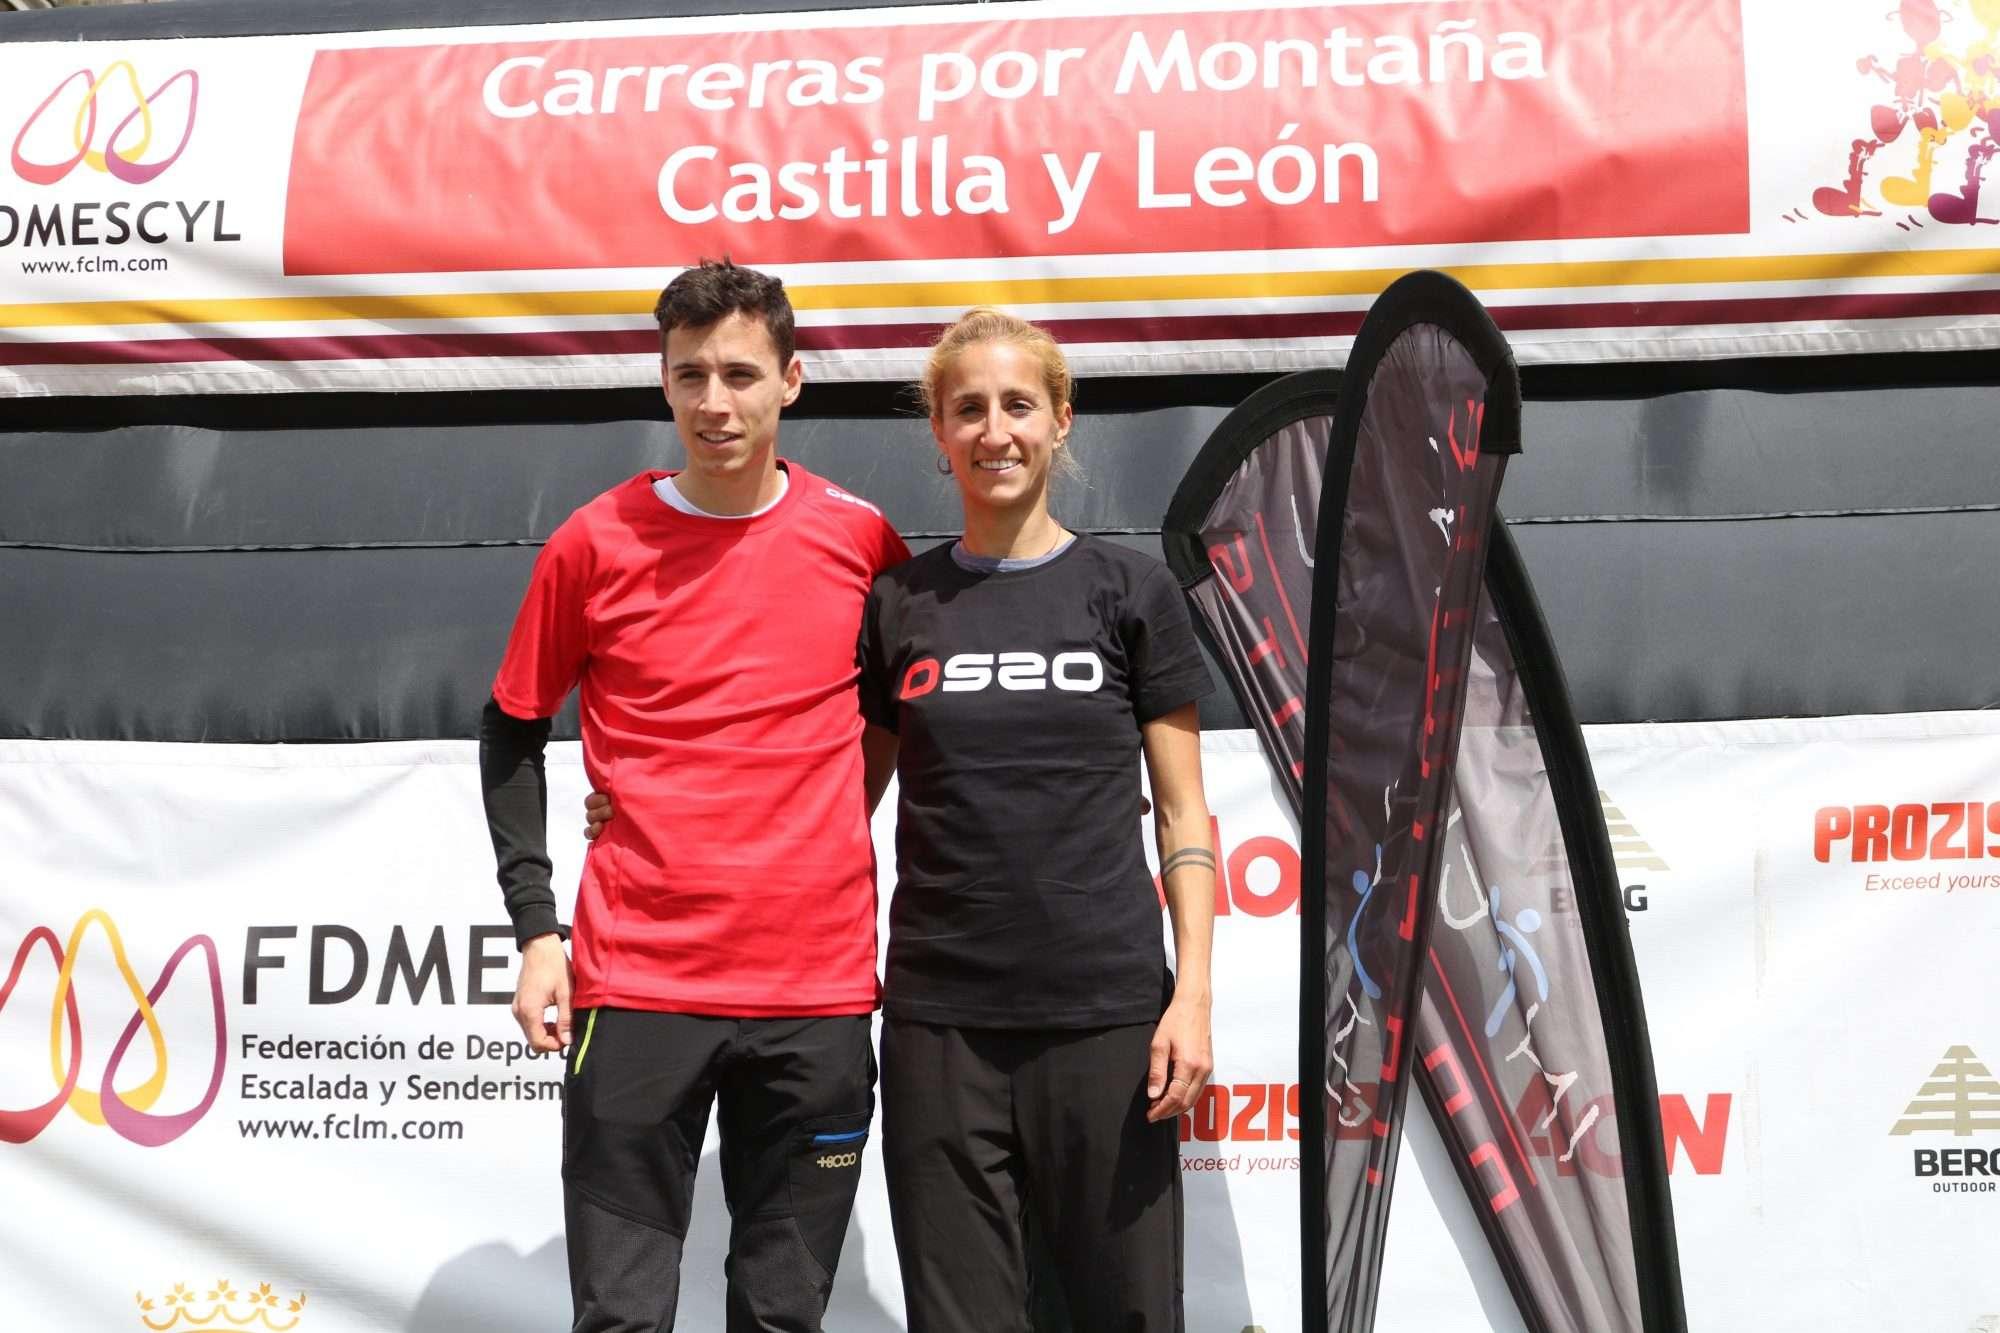 La Copa de Castilla y León de Carreras por Montaña llega a su tramo decisivo